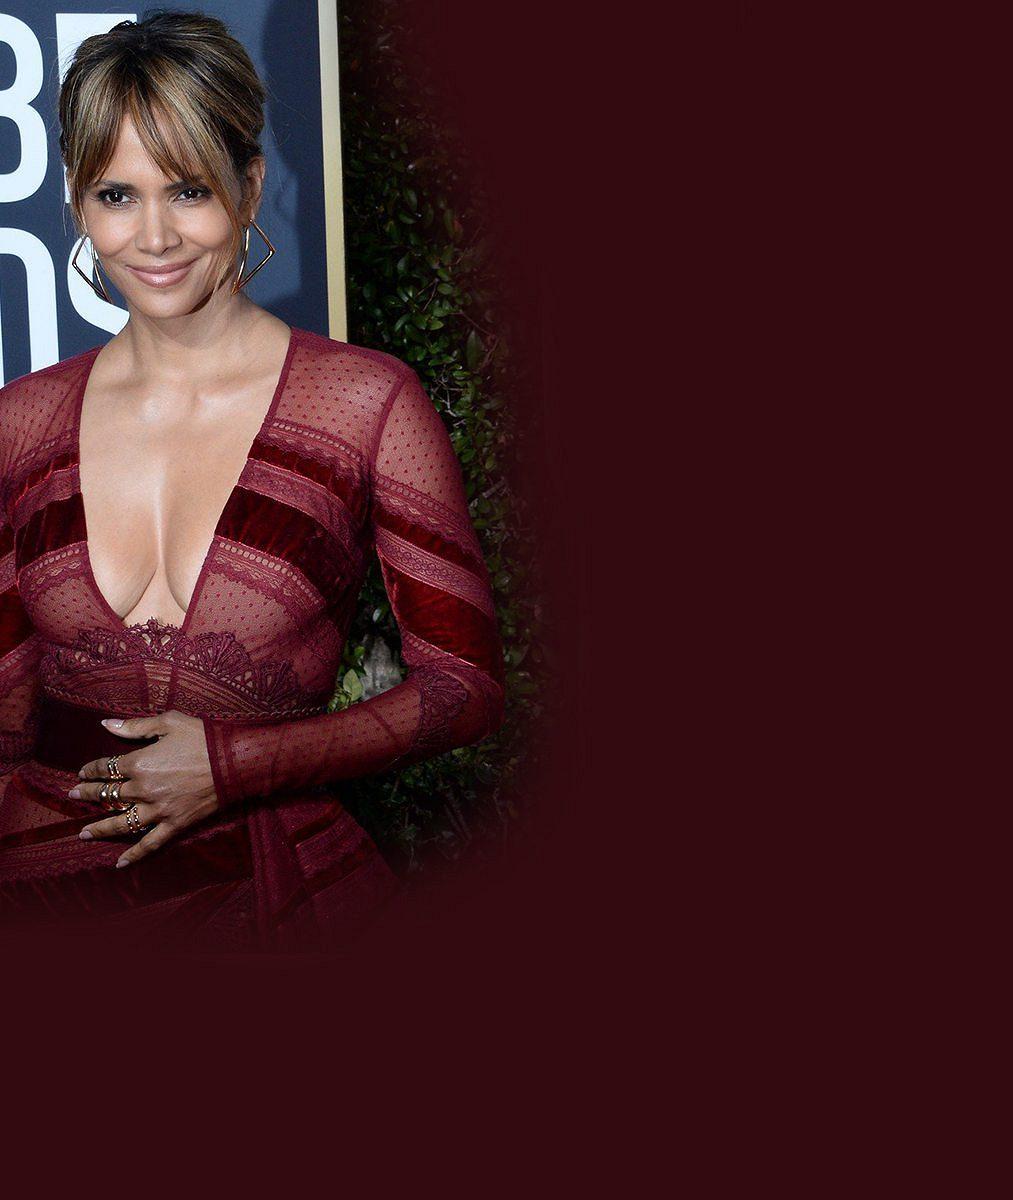 Nestárnoucí Halle Berry (52) provokuje fanoušky fotkou bez podprsenky. Ještě nikdy nebyla tak sexy!